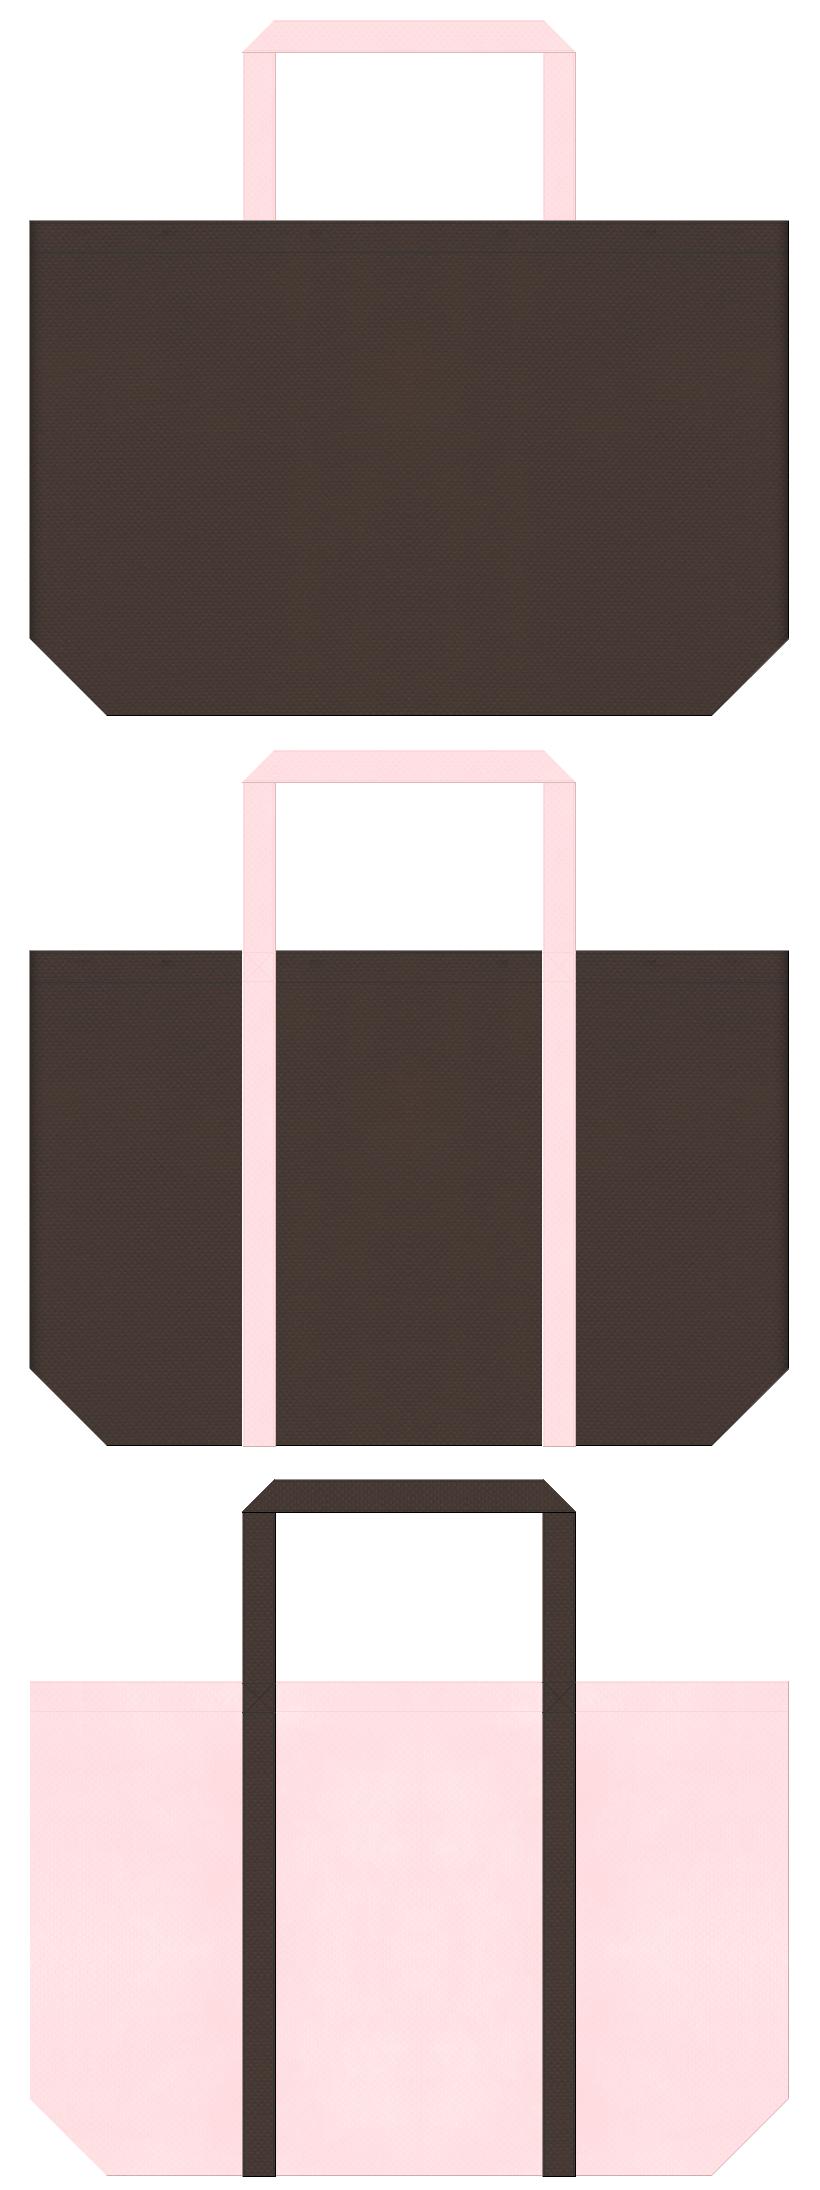 お城イベント・成人式・卒業式・学校・キャンパス・着物・写真館・和風催事・観光・花見・夜桜・桜餅・いちご大福・ガーリーデザイン・和菓子のショッピングバッグにお奨めの不織布バッグデザイン:こげ茶色と桜色のコーデ